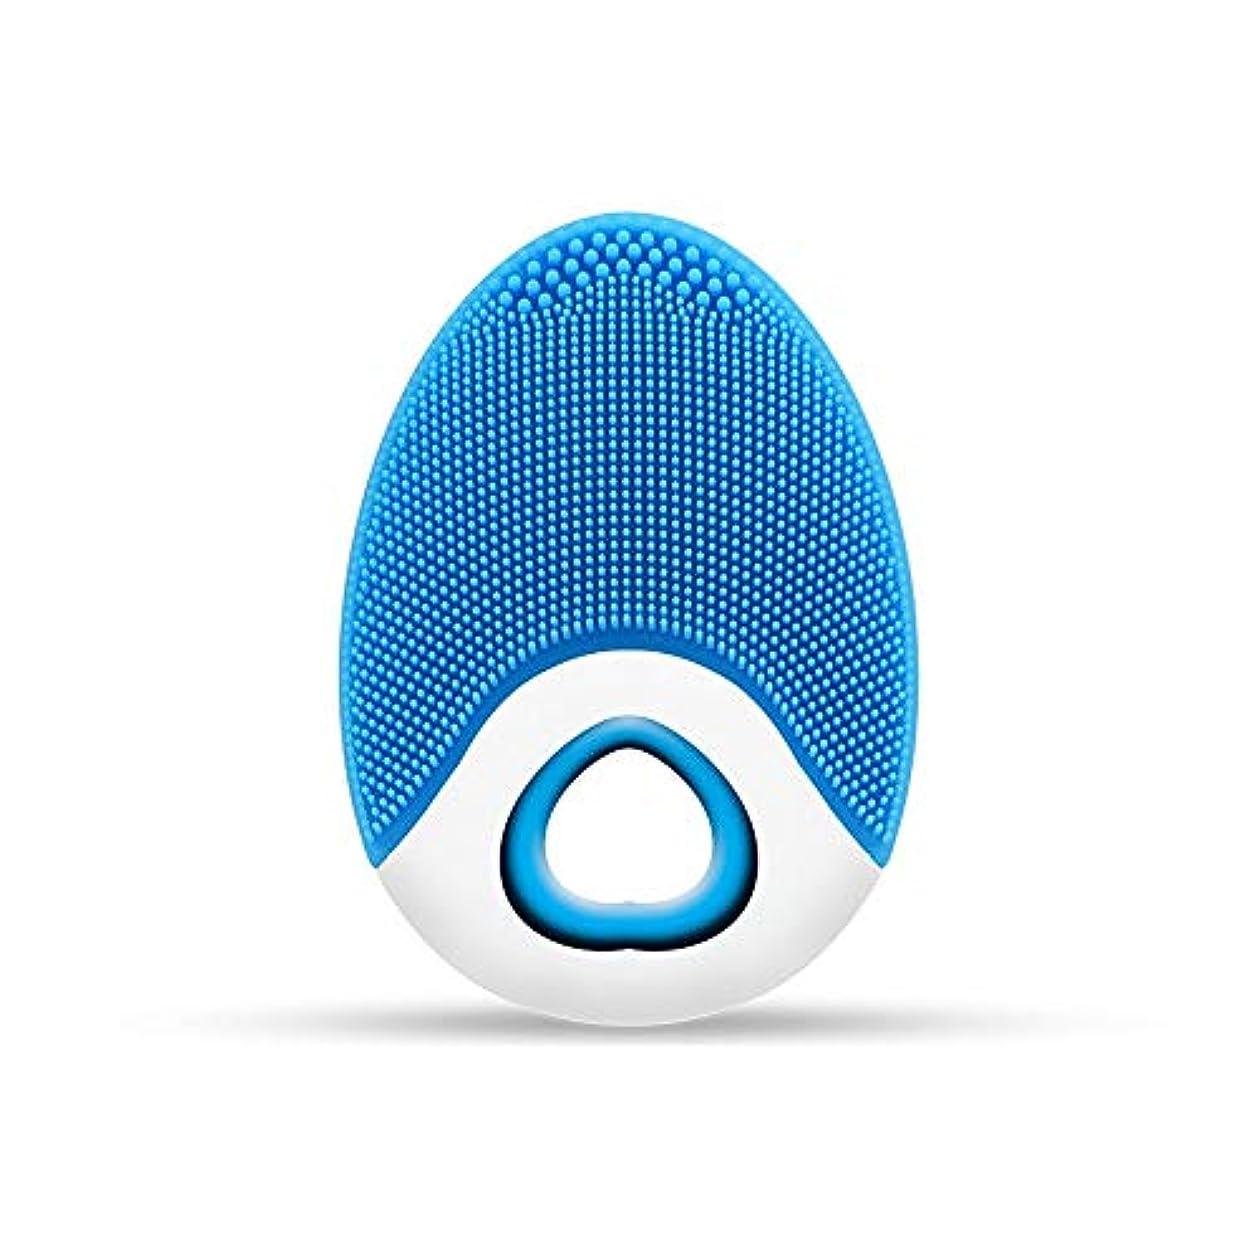 速報鈍い喪ZXF ワイヤレス充電電気シリコーンクレンジングブラシ高周波振動防水マルチレベル調整クレンジング楽器美容器具 滑らかである (色 : Blue)